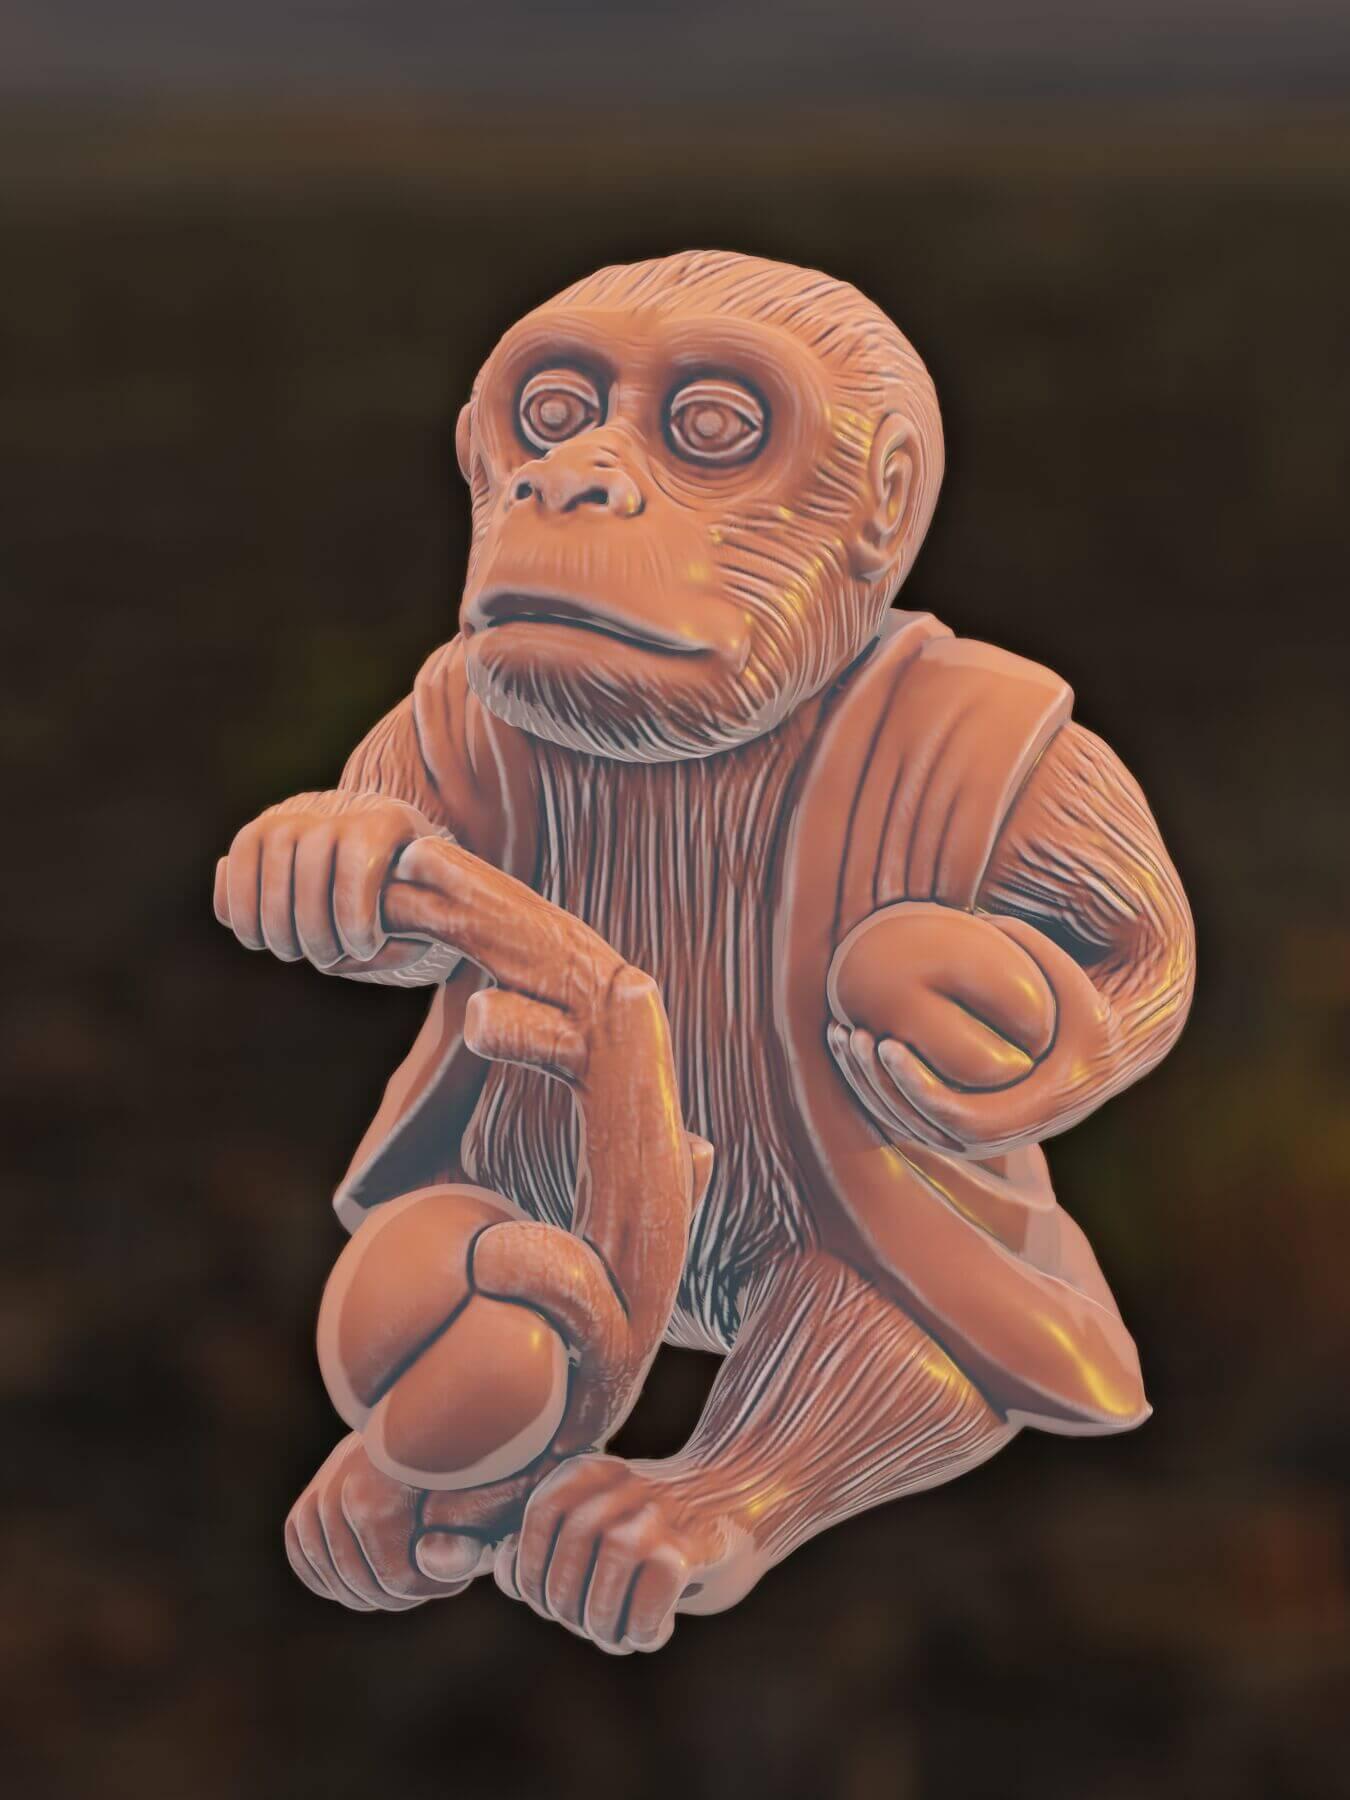 Monkey 3D model for 3D printing (3)